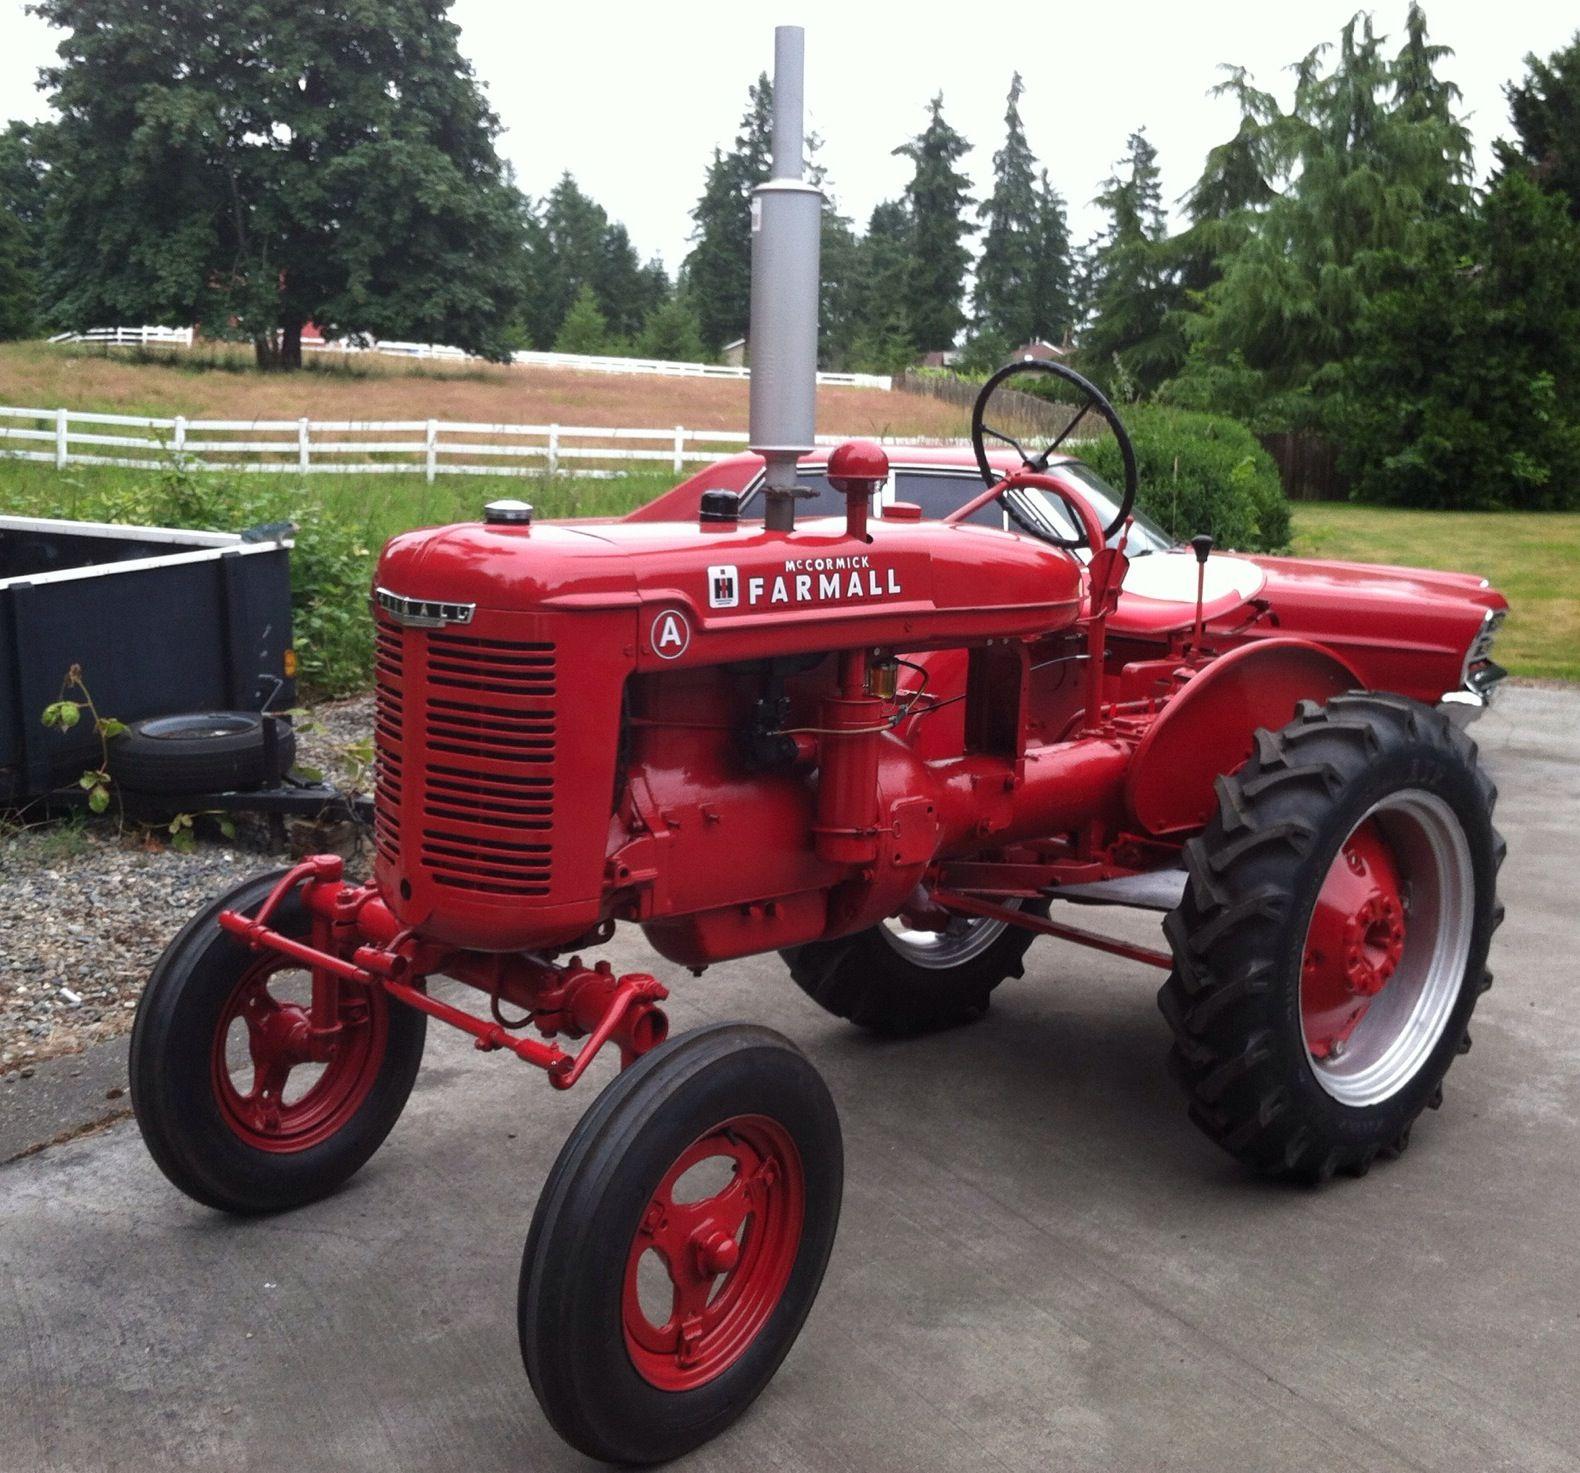 Fully Restored 1940 Farmall A Tractor Tractors Farmall Tractors Farmall